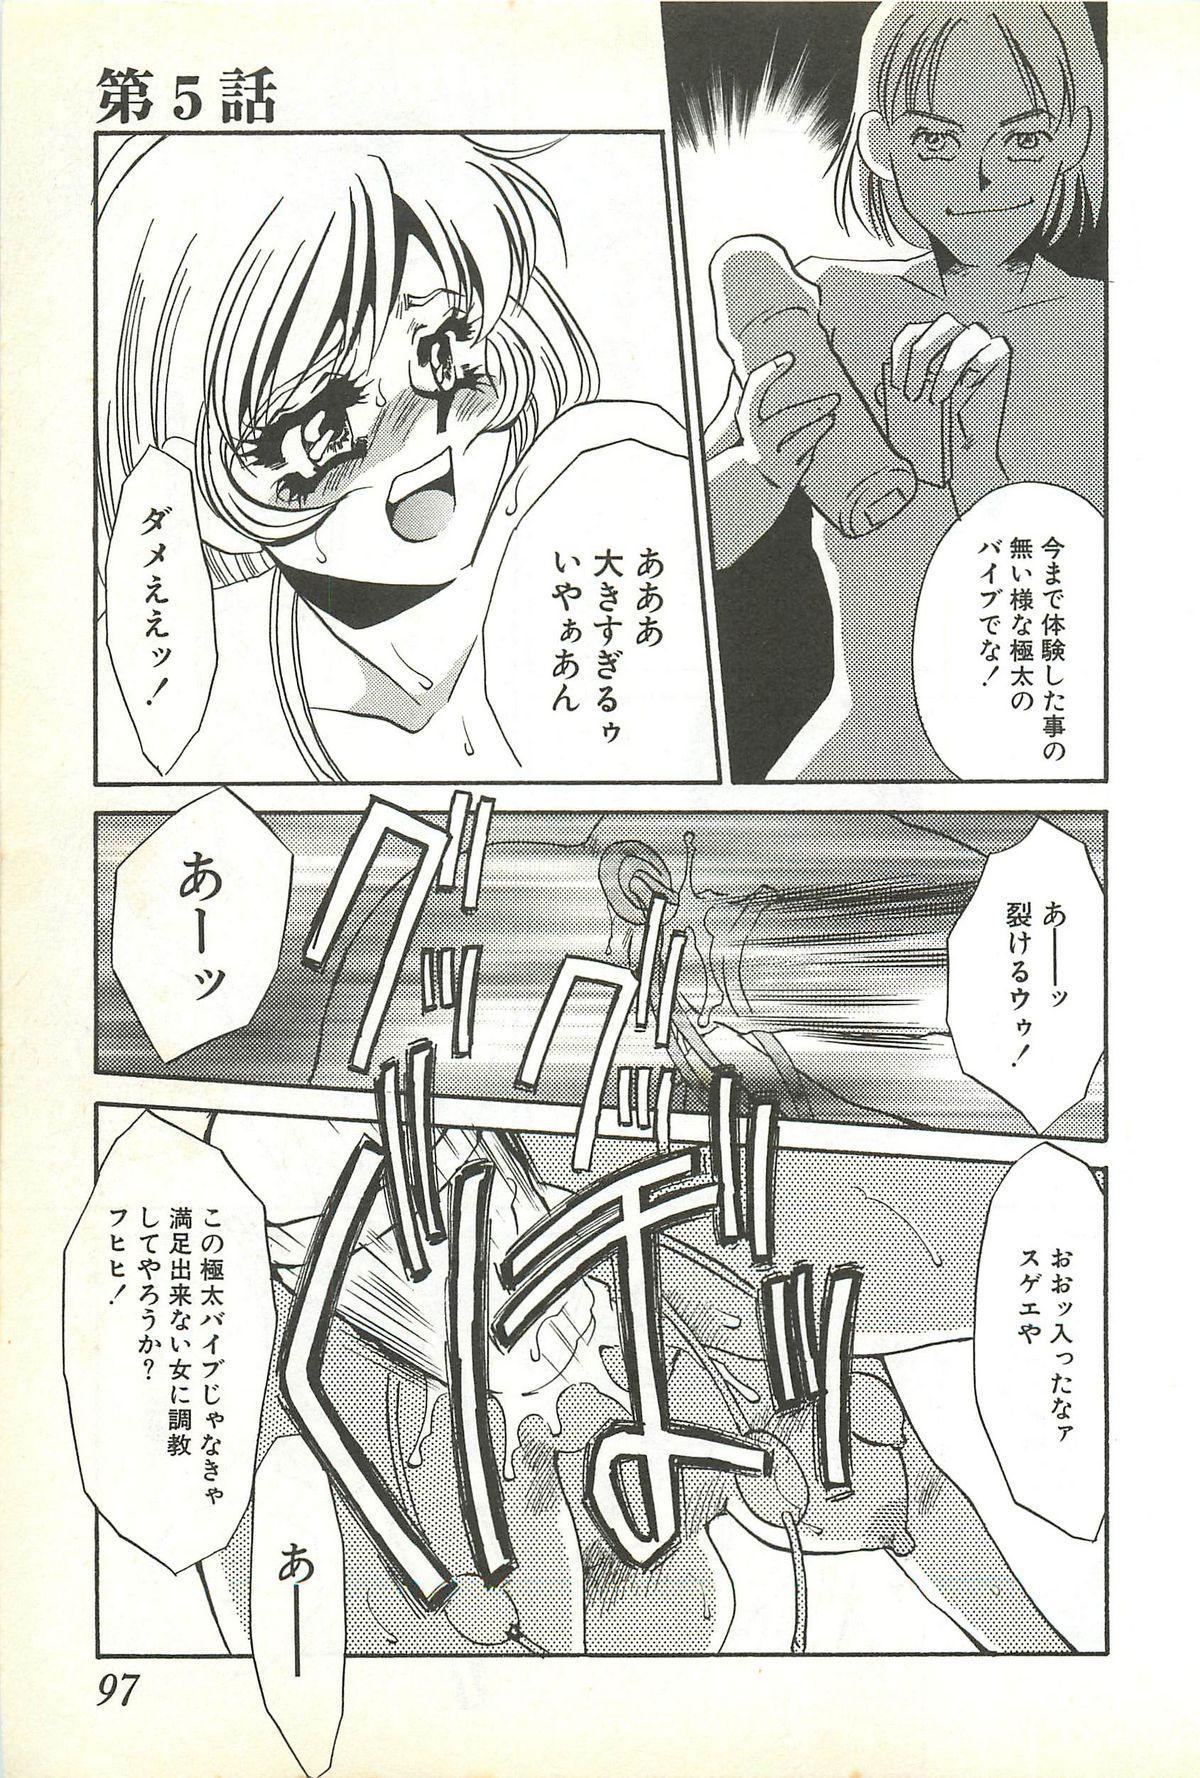 Chigyaku no Heya - A Shameful Punishment Room 92